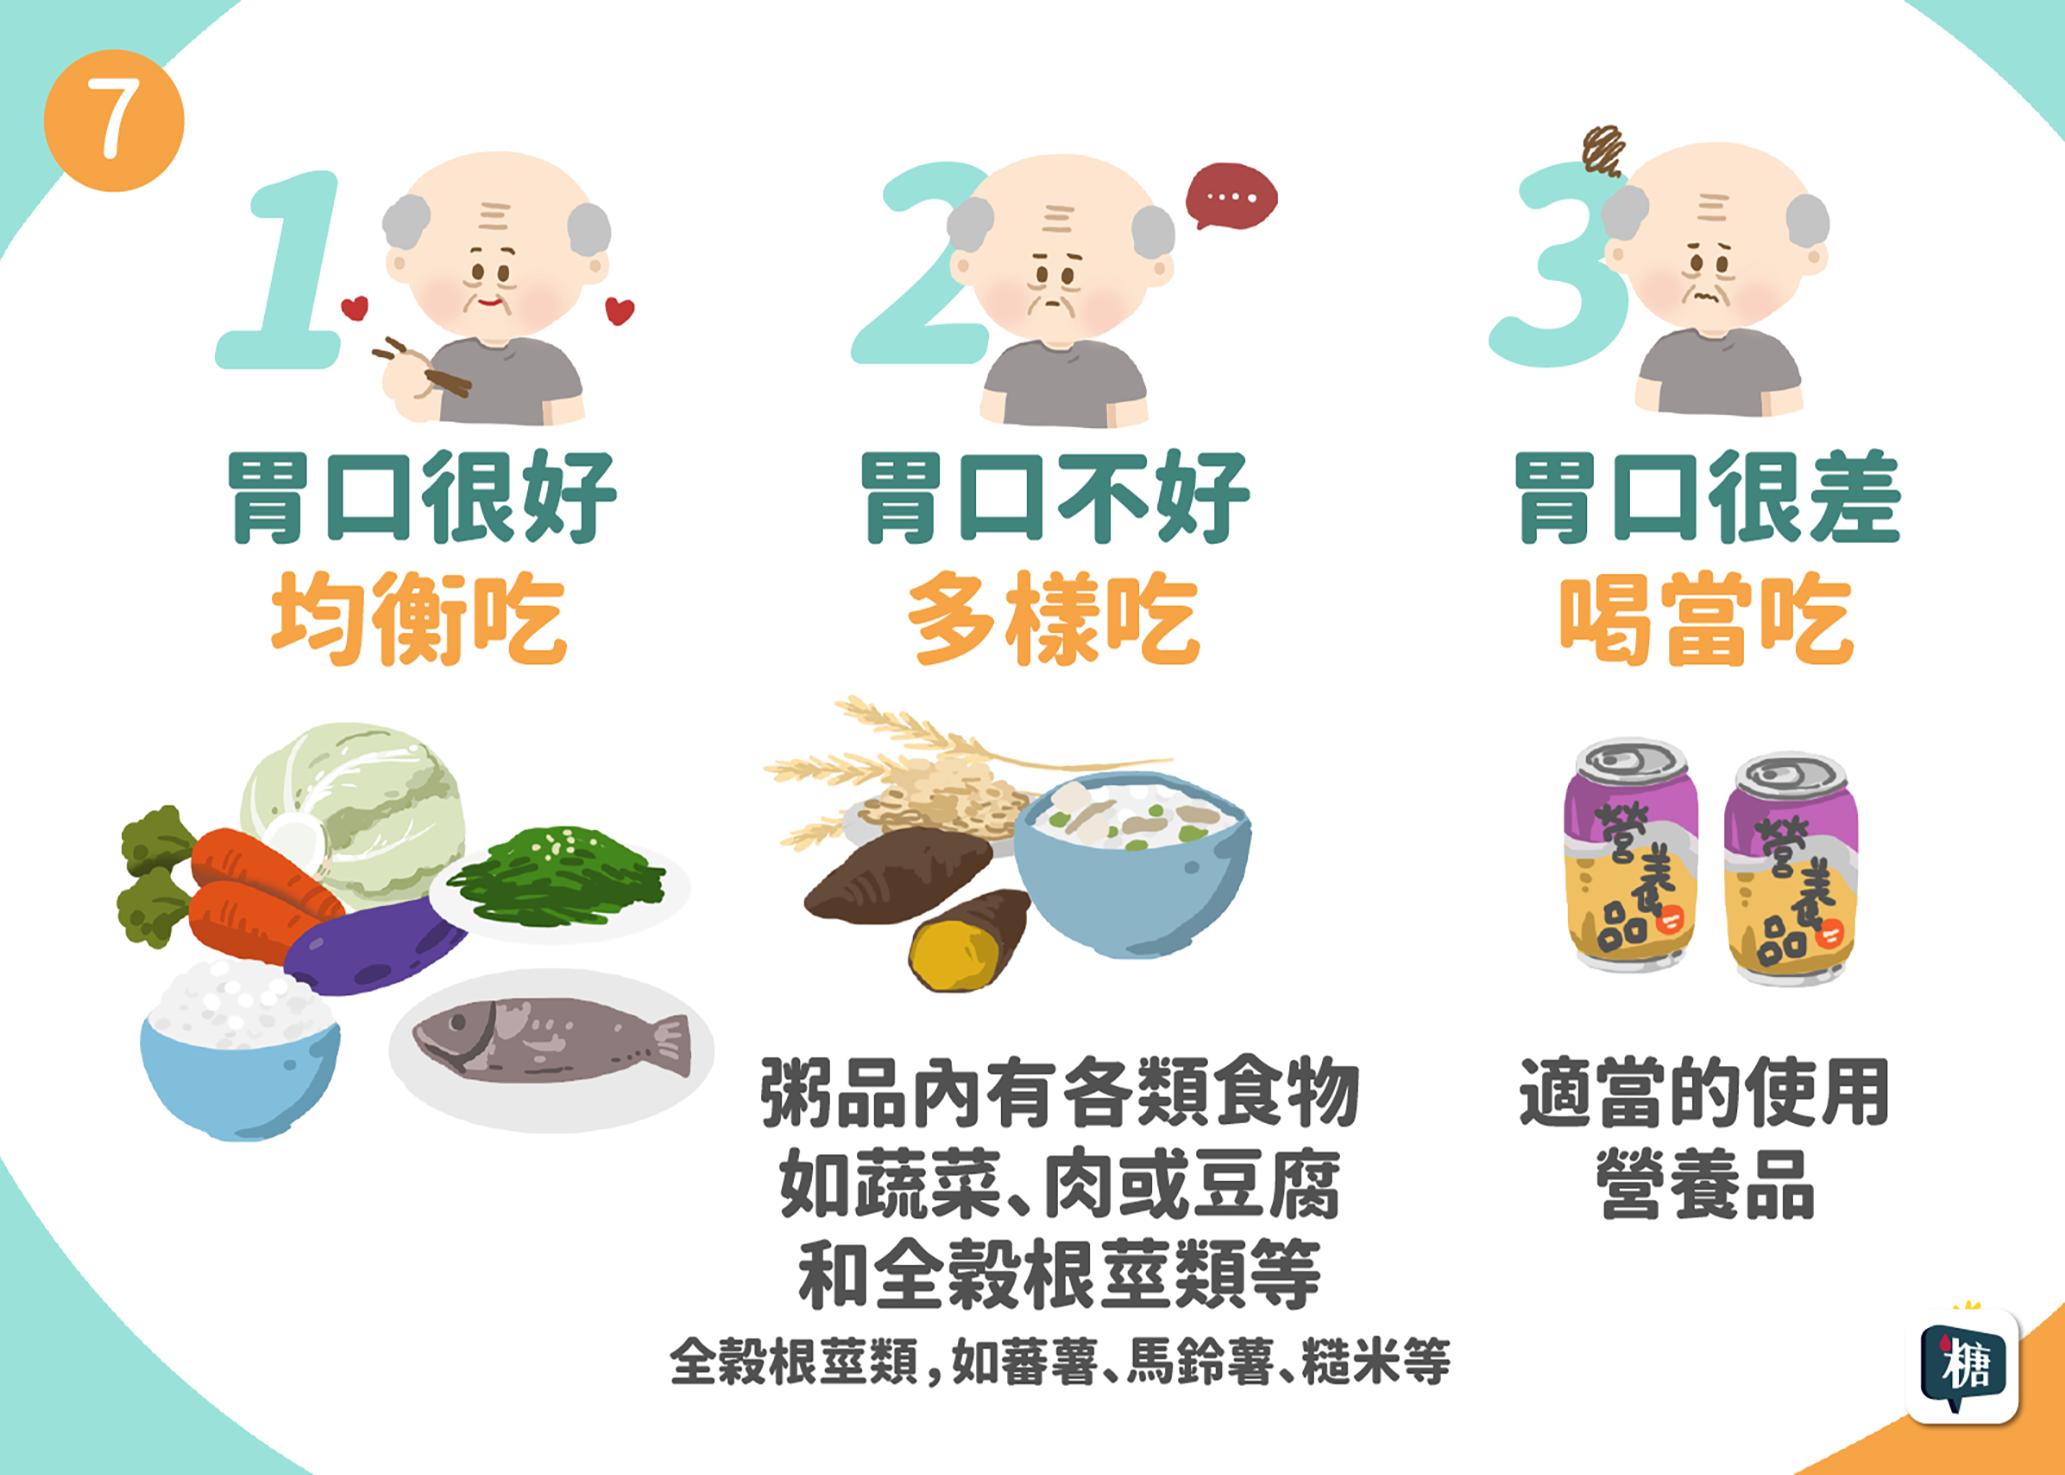 長者牙不好,咬不動,增加營養素3妙招!該怎麼吃才不會營養不良呢?